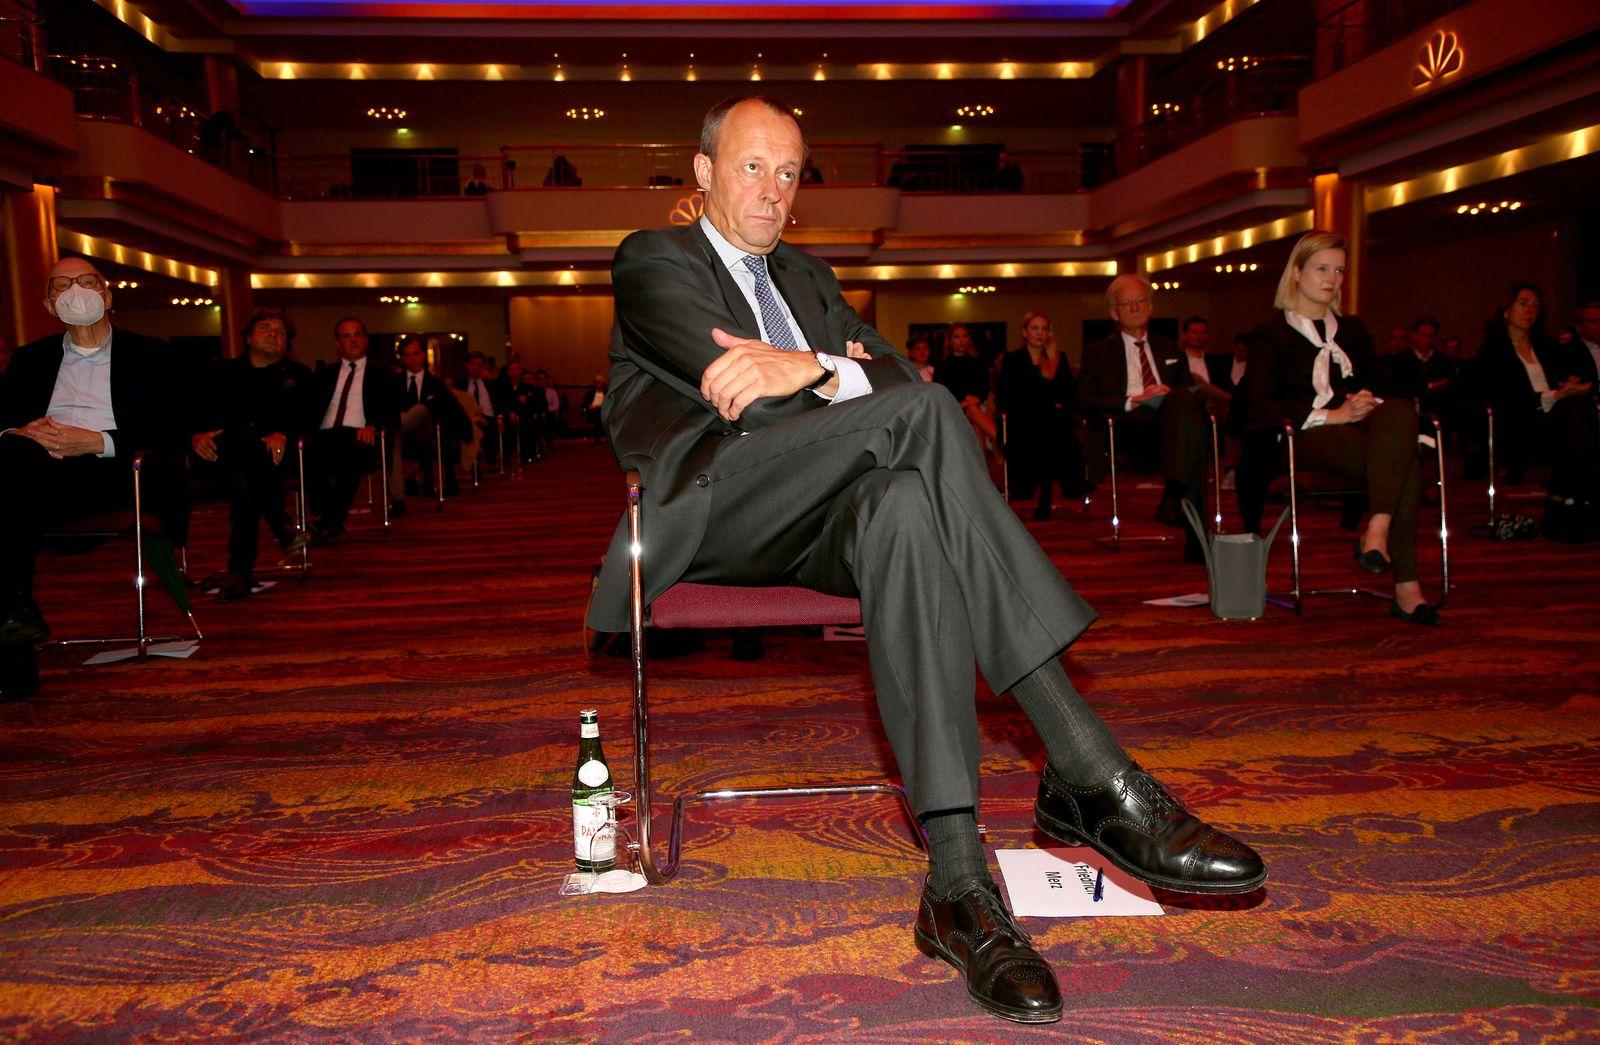 Politischer Abend mit Friedrich Merz und Dr. Christoph Ploß am 22.10.2020 Hotel Grand Elysee: Friedrich Merz